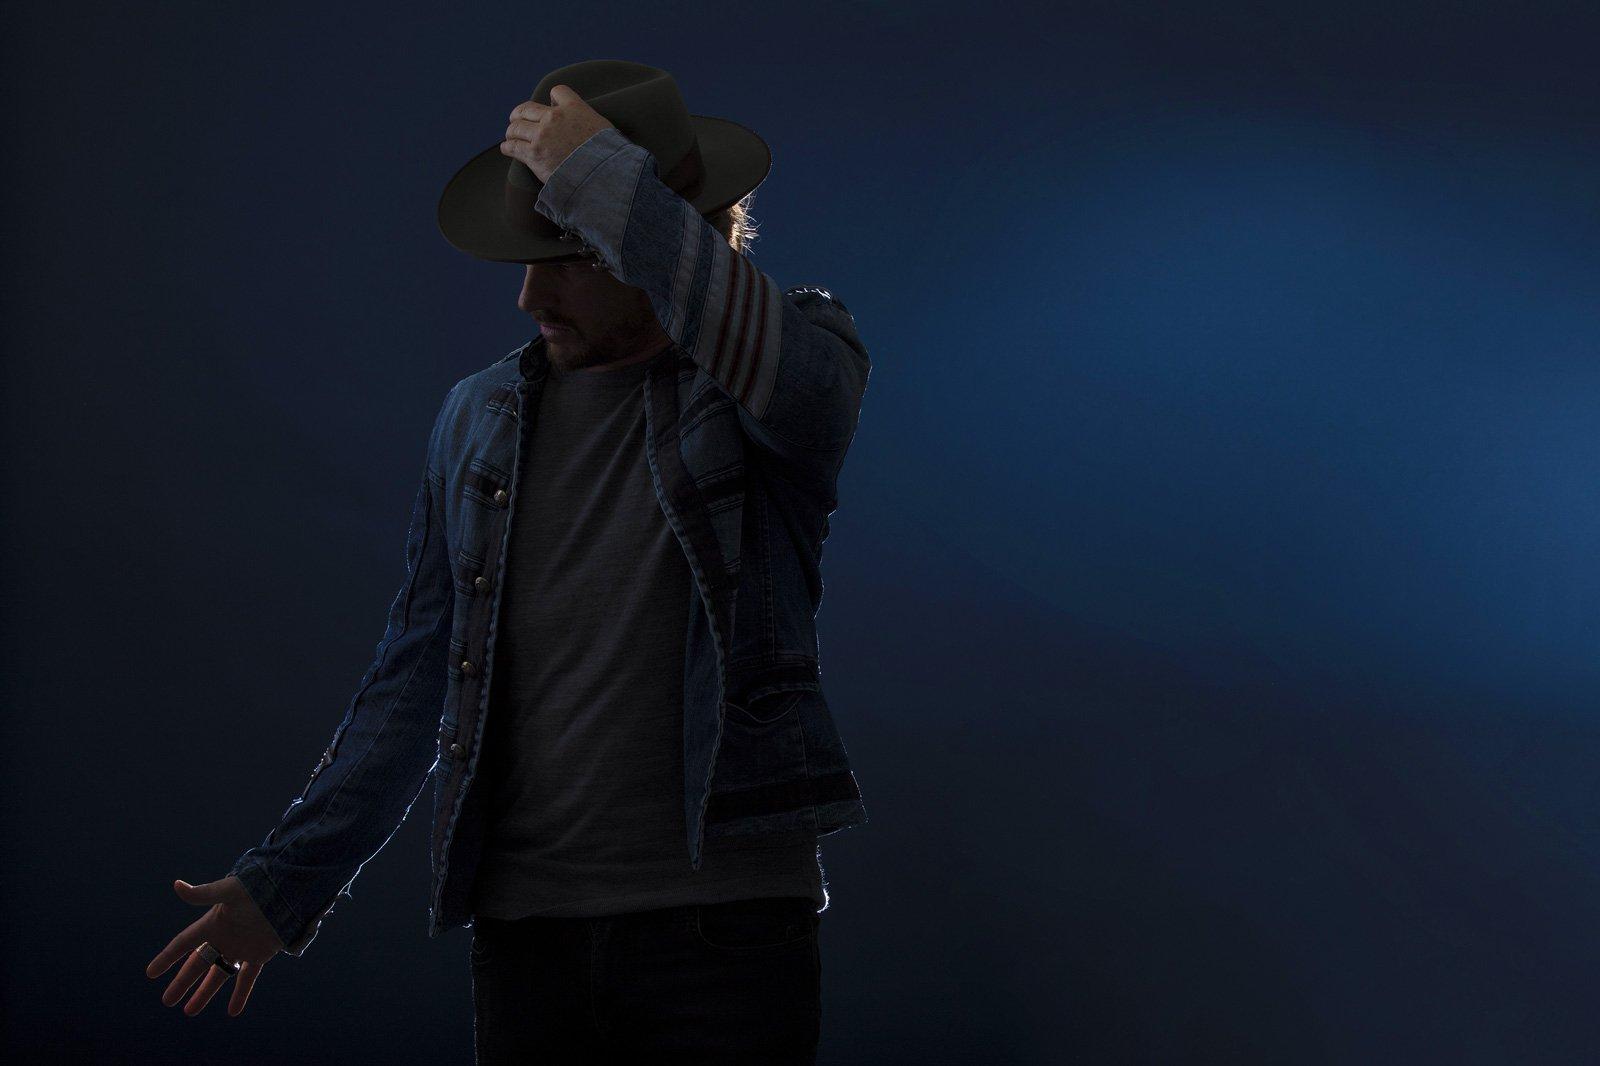 Luciano DJ, Luciaeno